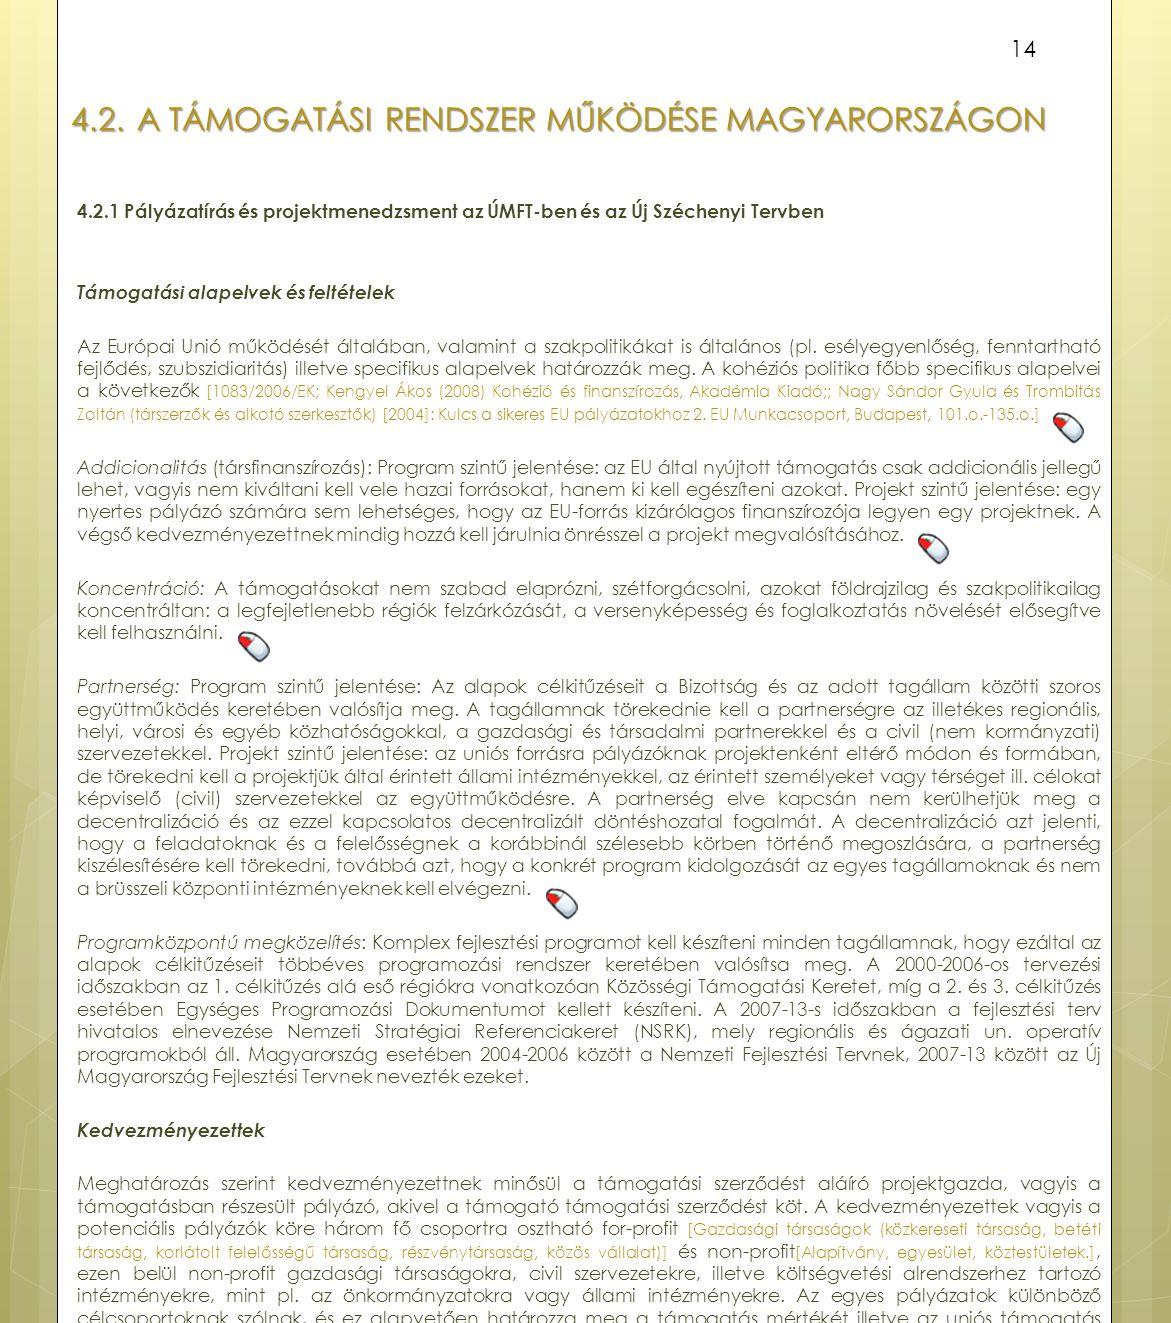 4.2.A TÁMOGATÁSI RENDSZER MŰKÖDÉSE MAGYARORSZÁGON 4.2.1 Pályázatírás és projektmenedzsment az ÚMFT-ben és az Új Széchenyi Tervben Támogatási alapelvek és feltételek Az Európai Unió működését általában, valamint a szakpolitikákat is általános (pl.